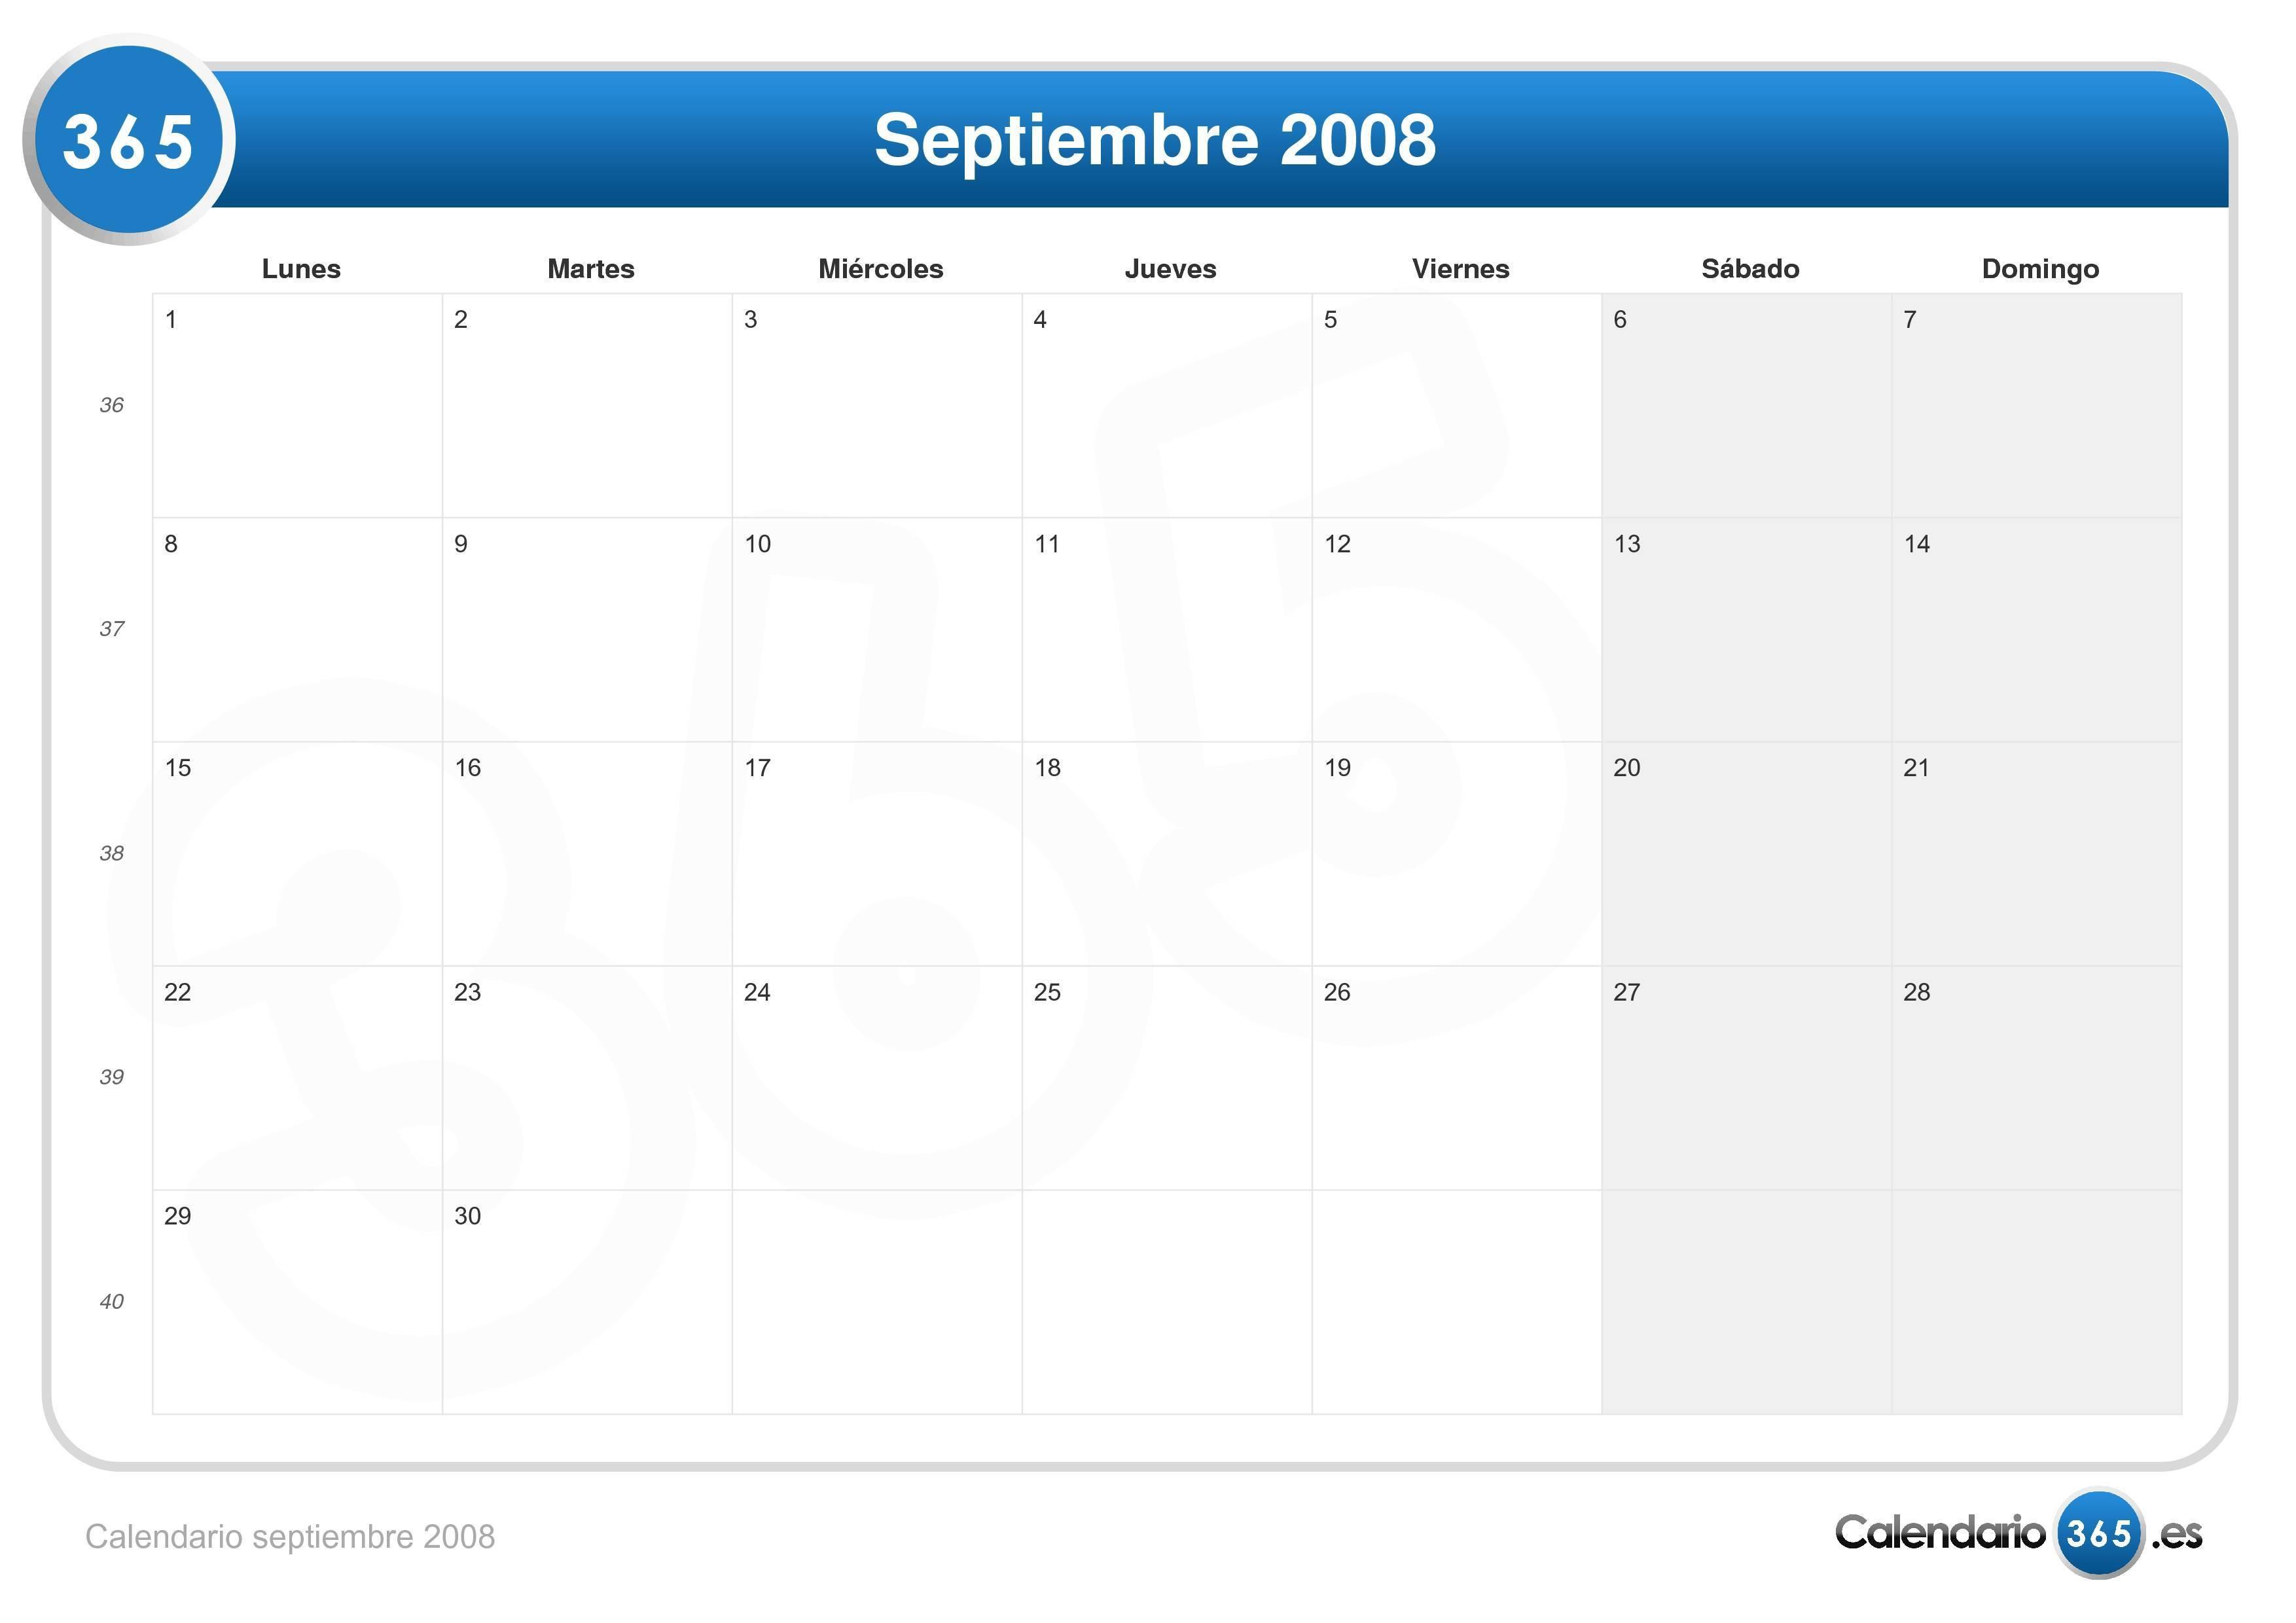 Septiembre calendario espa±a 3508x2480 Septiembre calendario 2008 espa±a